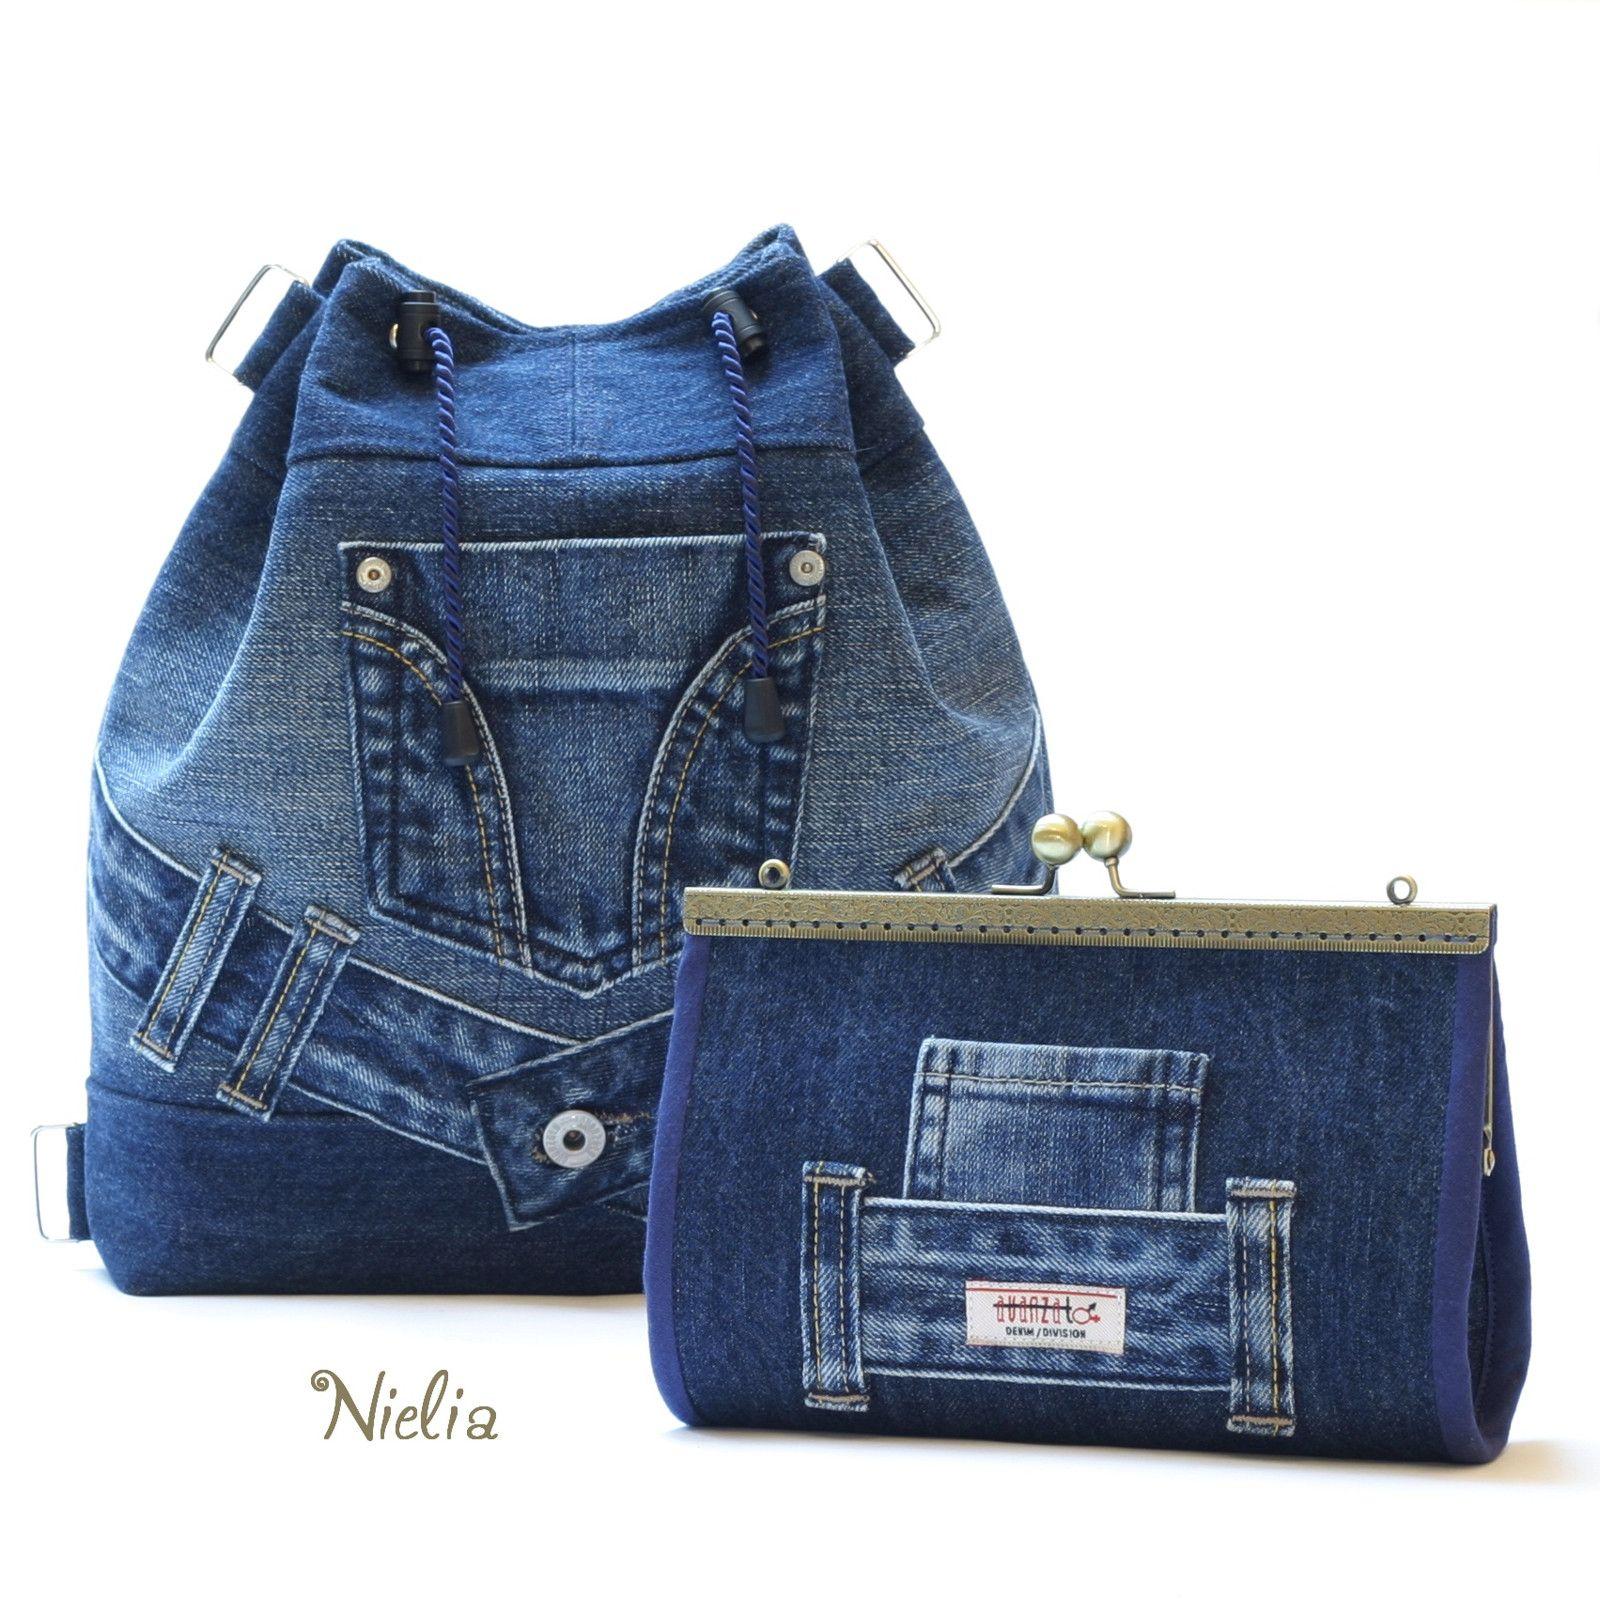 5fea7c9b3387 Nielia - сумки из джинсов (часть4) / Переделка джинсов / ВТОРАЯ УЛИЦА |  сумки корзинки вазочки упаковка | Denim bag, Denim purse и Denim jeans